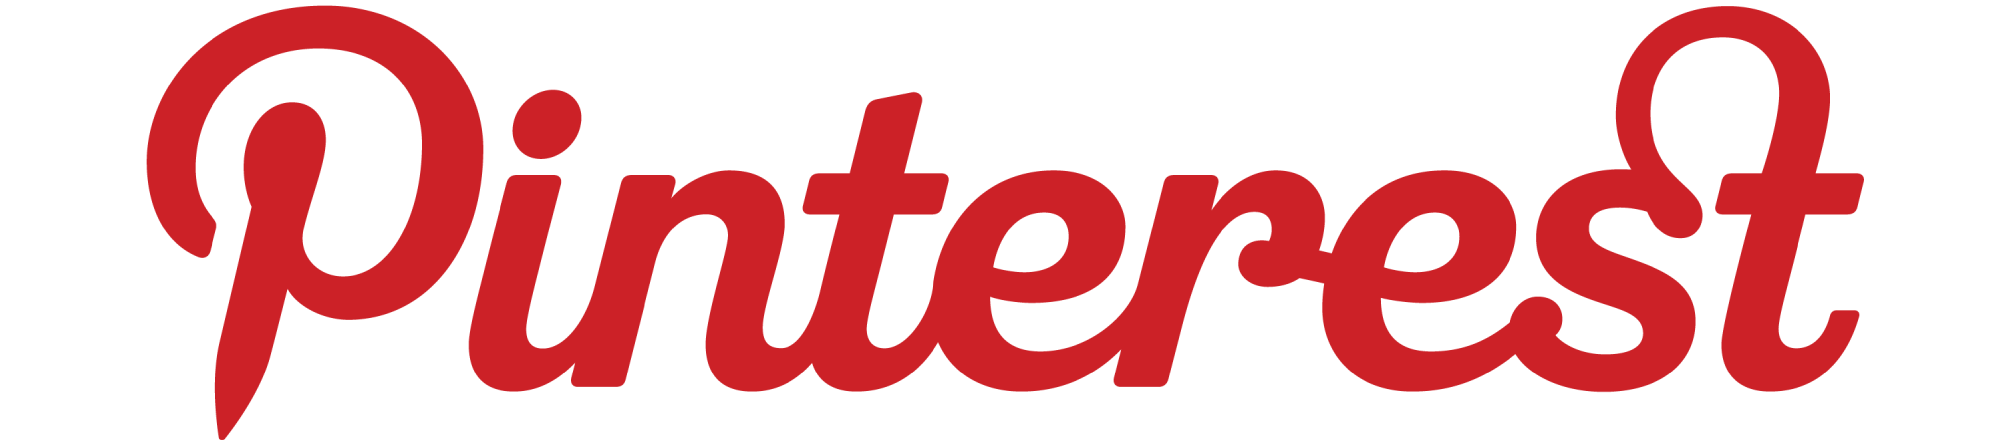 Pintrest Logo